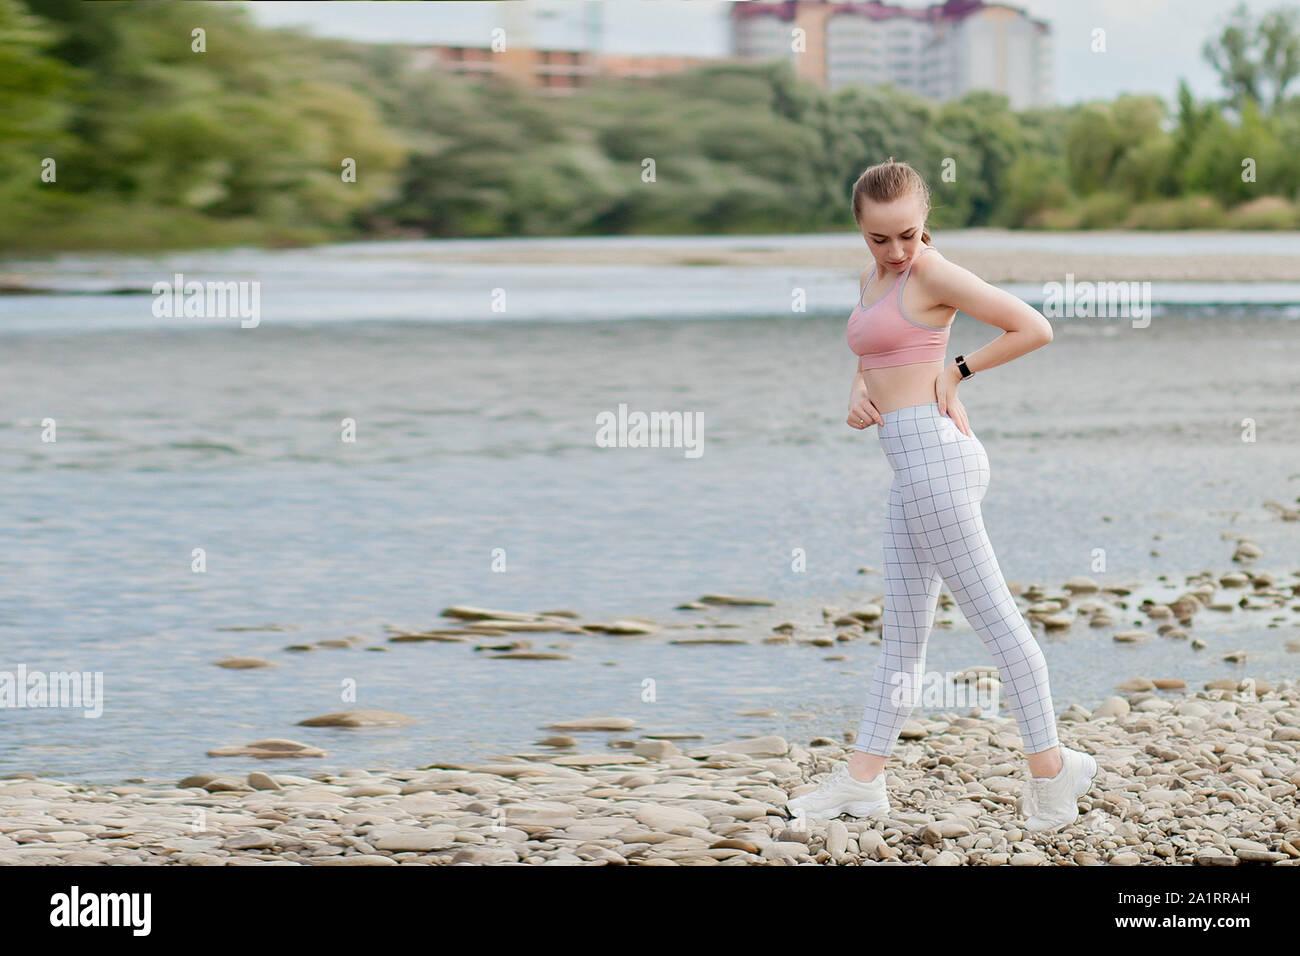 Mädchen im Sport Uniformen macht eine Strecke auf dem Fluss Stockfoto